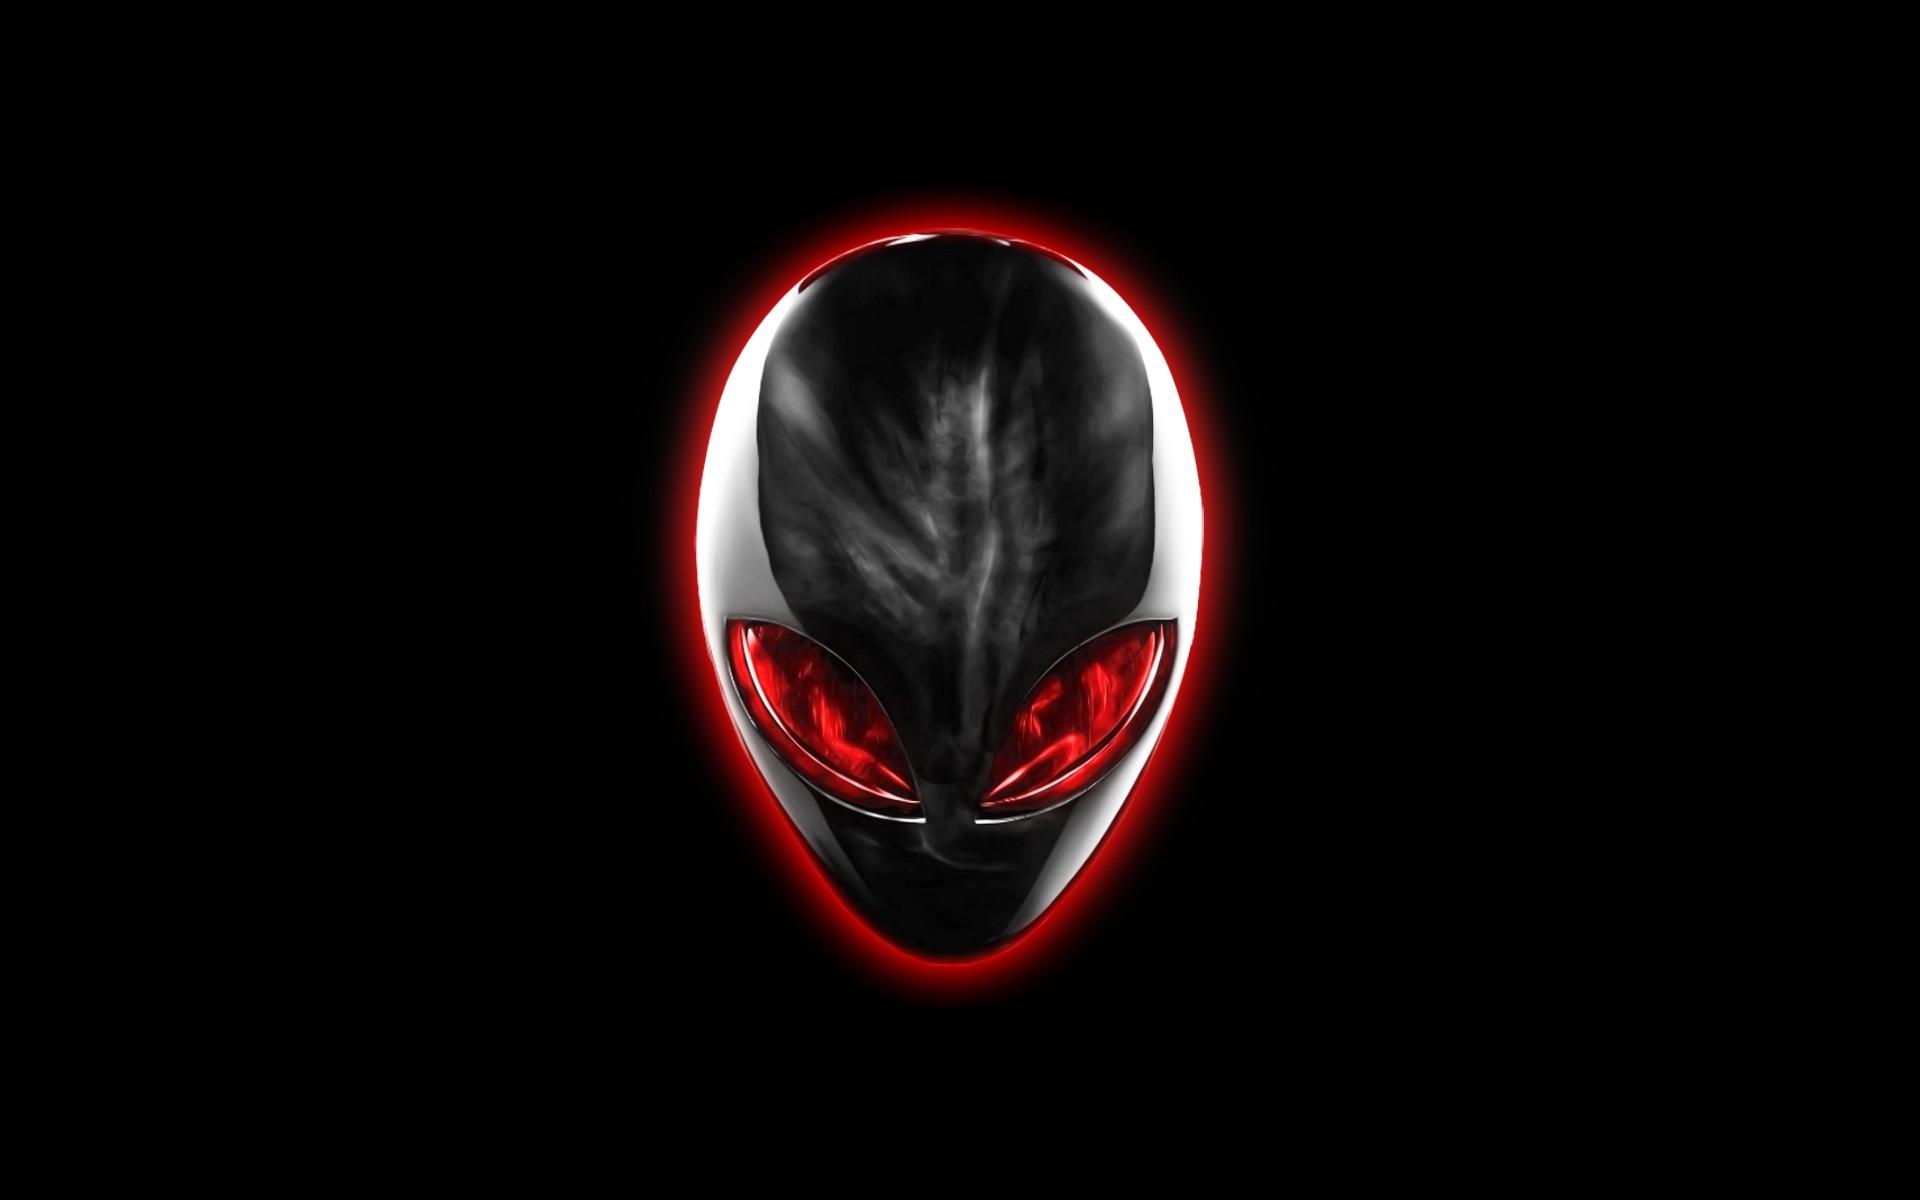 Chrome Alienware Red Eyes by darkangelkrys 1920x1200